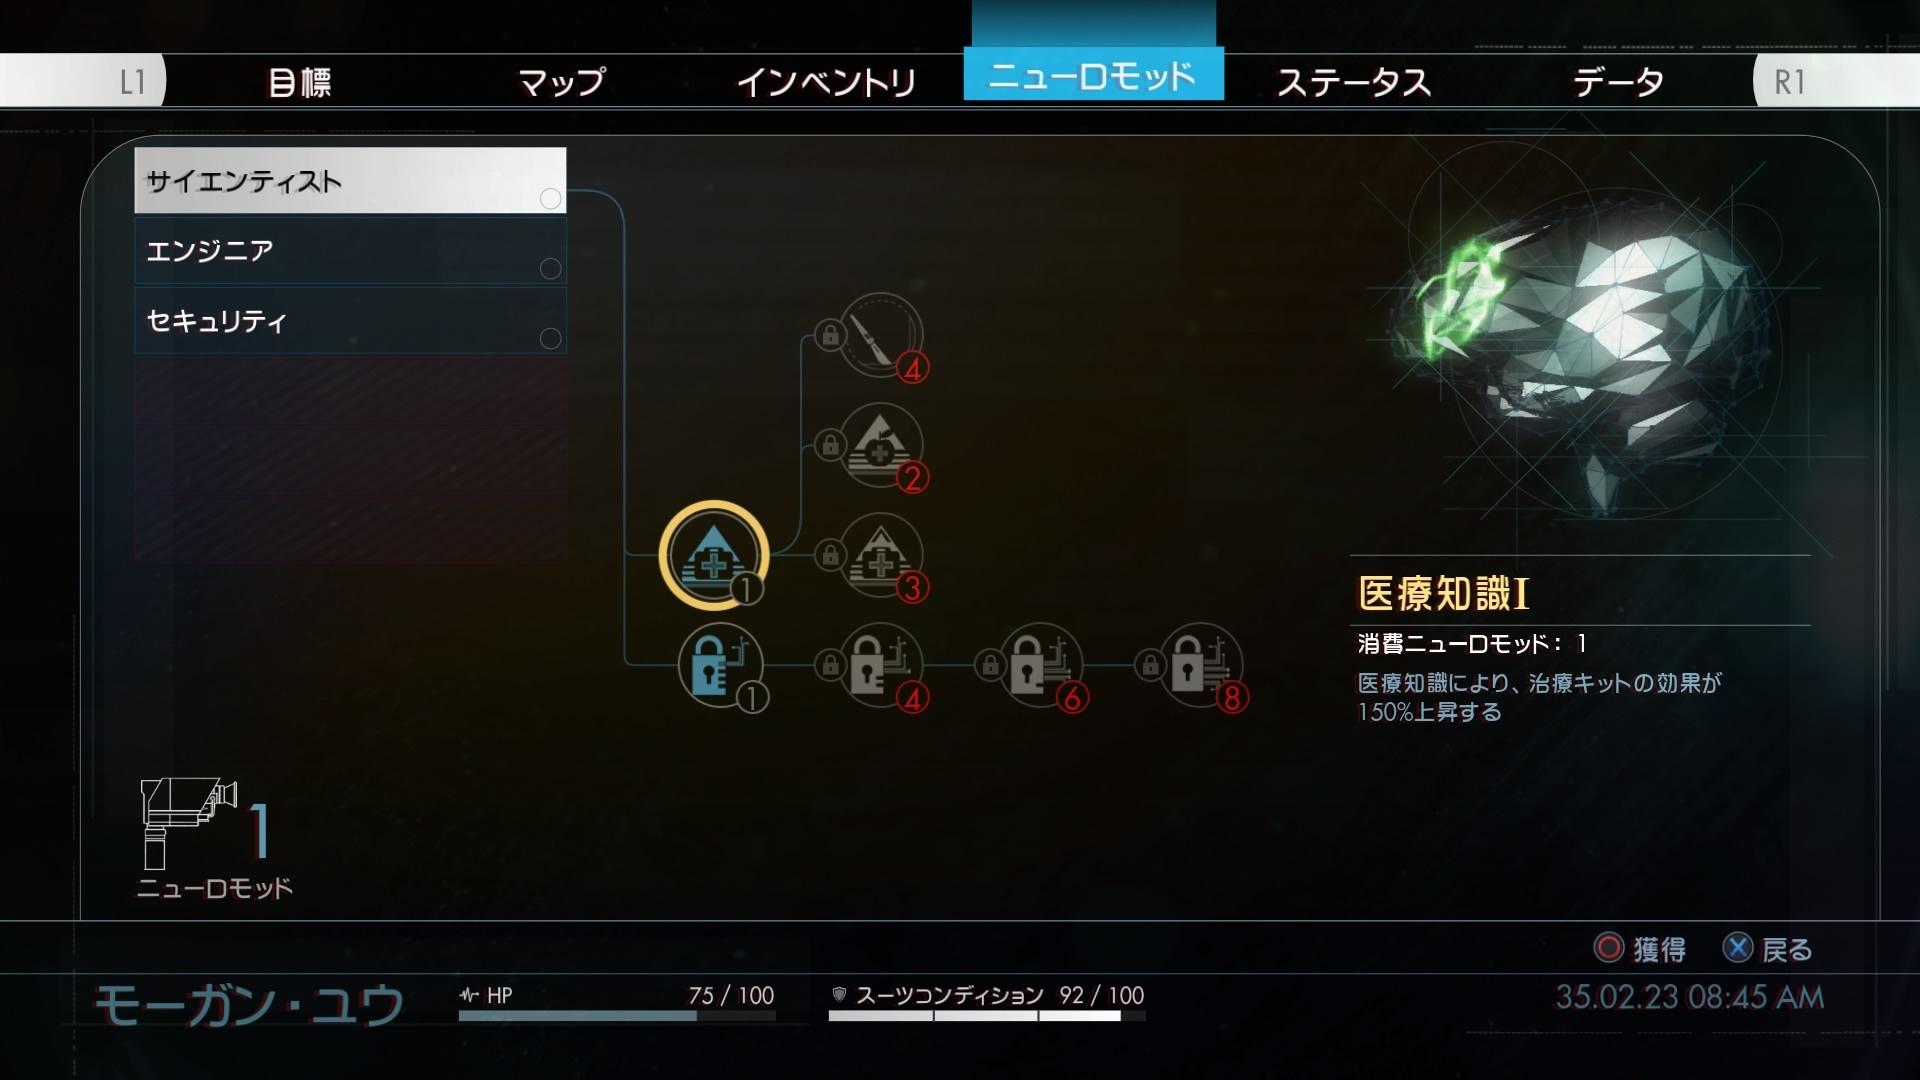 Prey_01_11.jpg